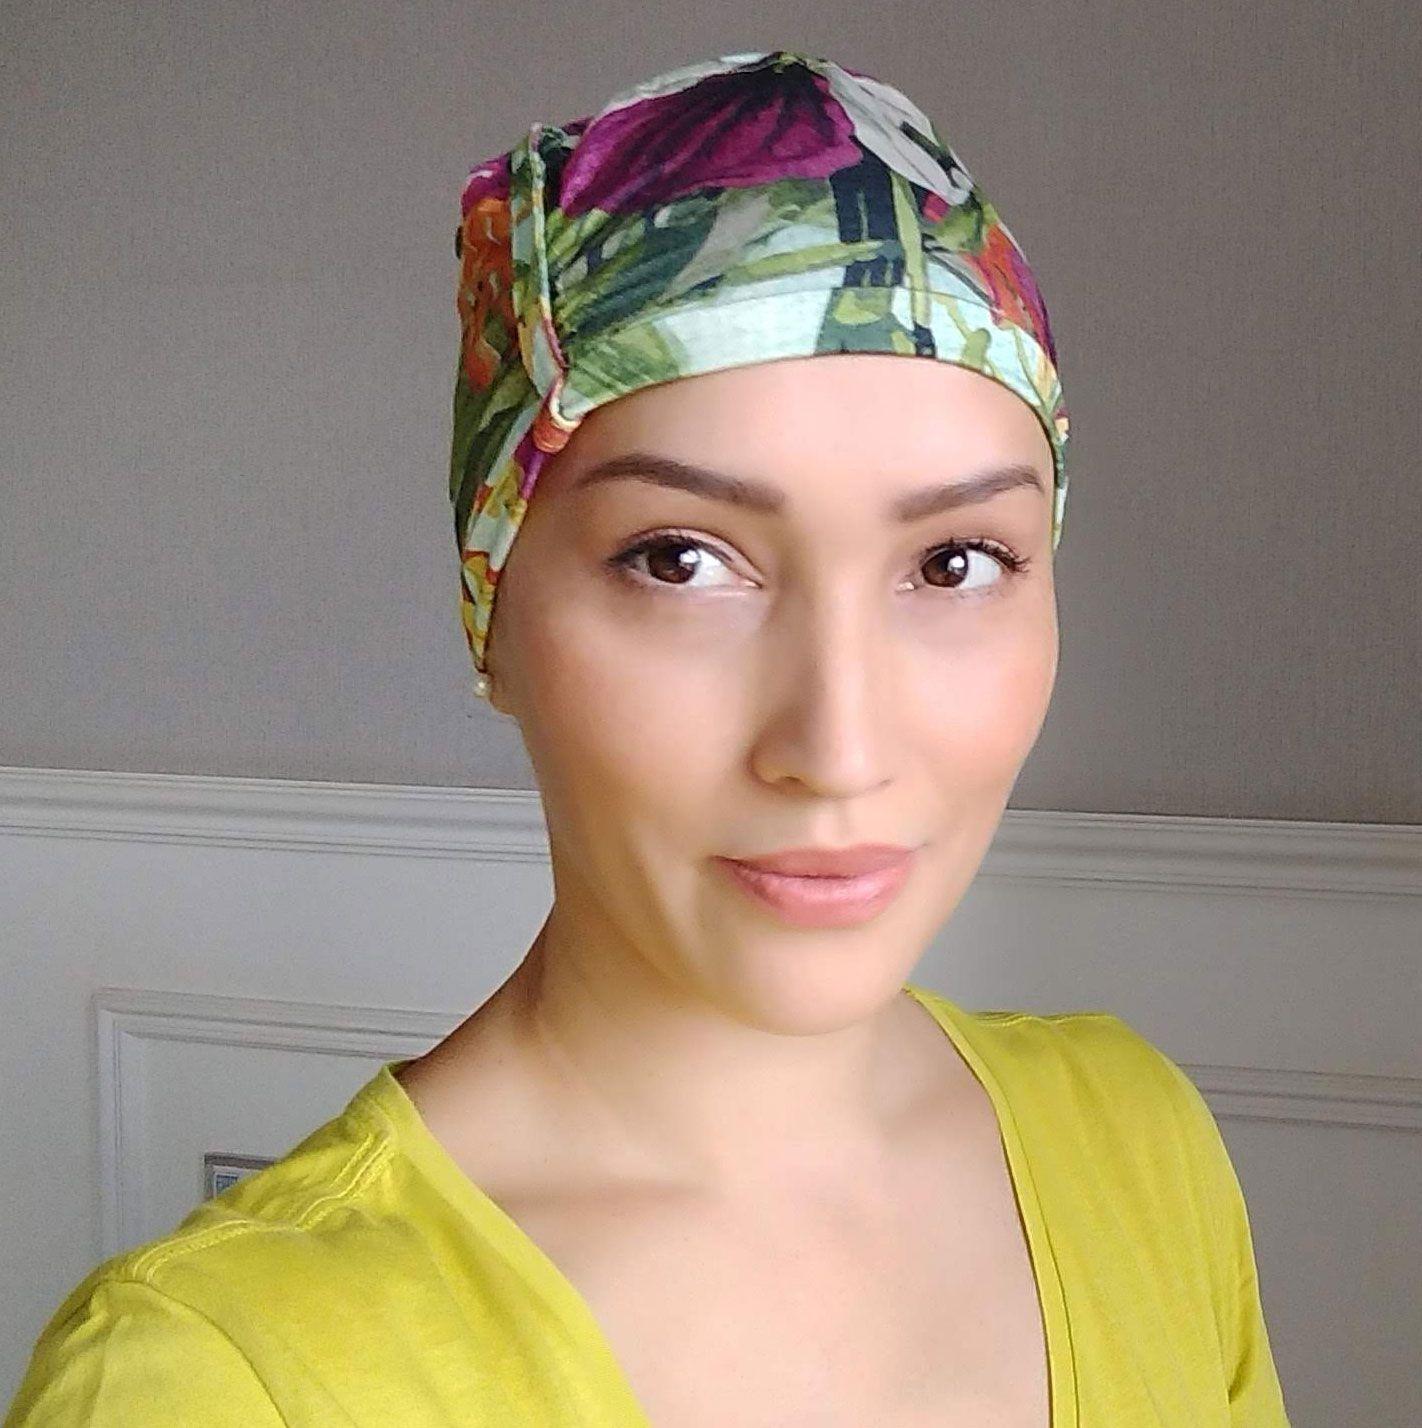 Touca Quimioterapia Alopecia - Ideal Para Dormir - Touca Sleep Floral